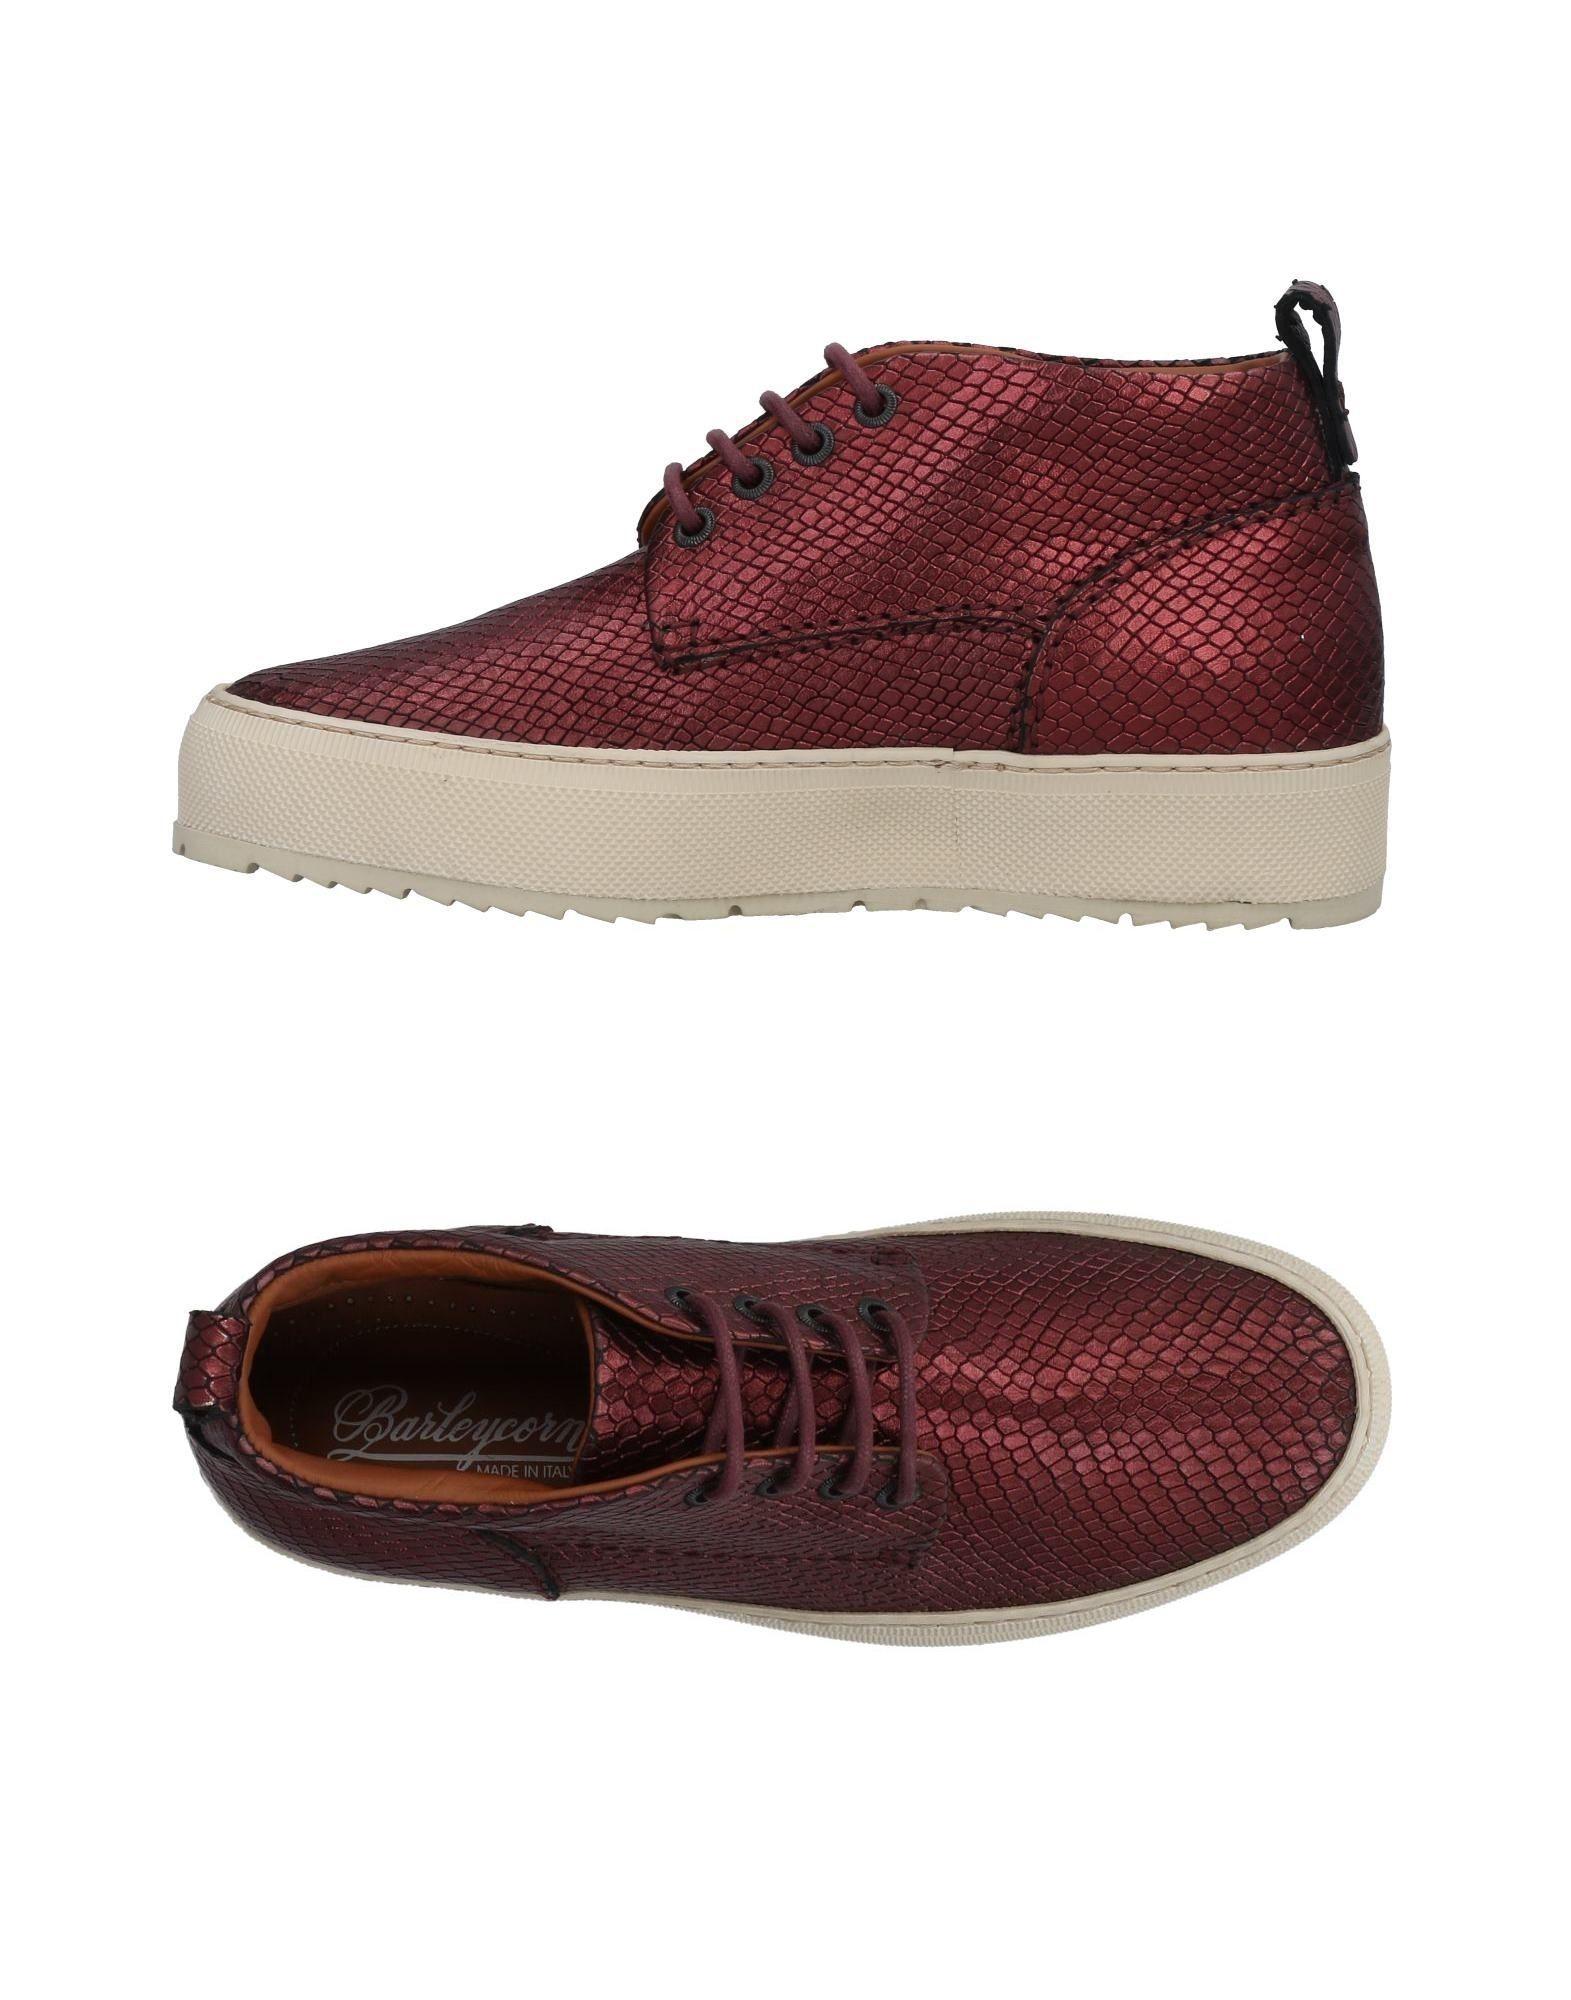 Scarpe economiche e resistenti Sneakers Barleycorn Donna - 11479091SB